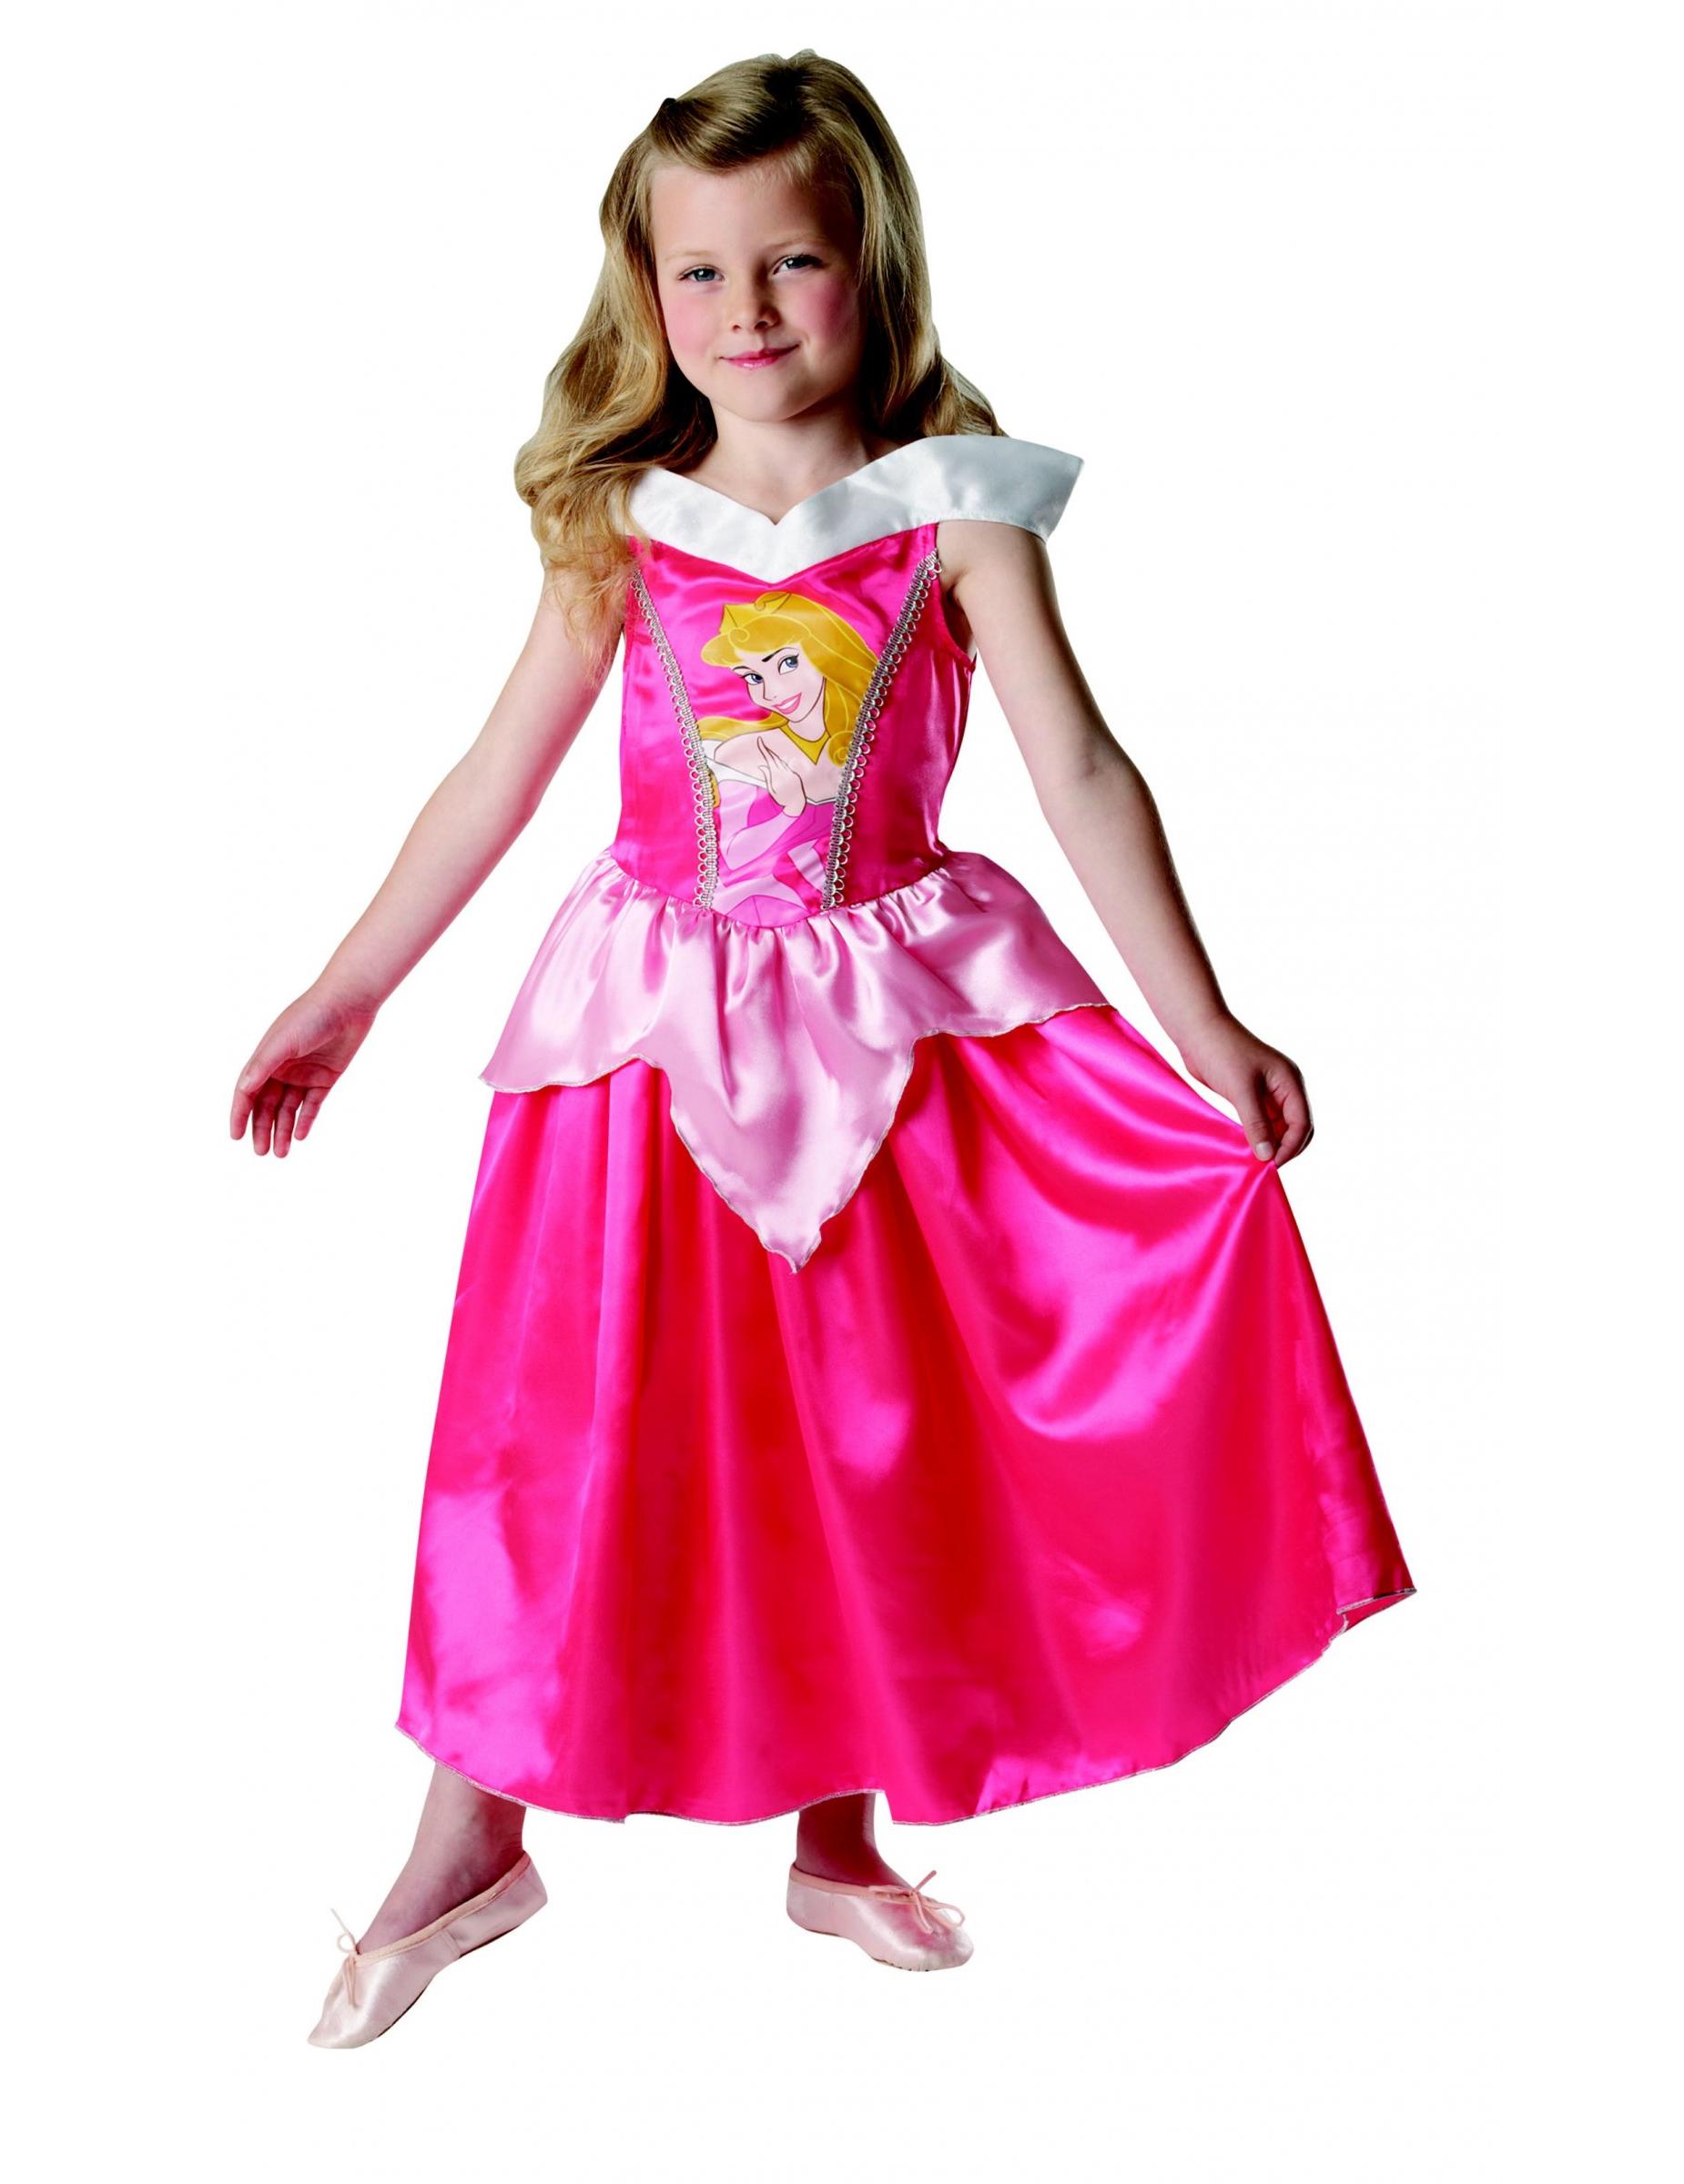 Ben noto Vestiti di Carnevale Disney per bambini e neonati a prezzi bassi  OW82